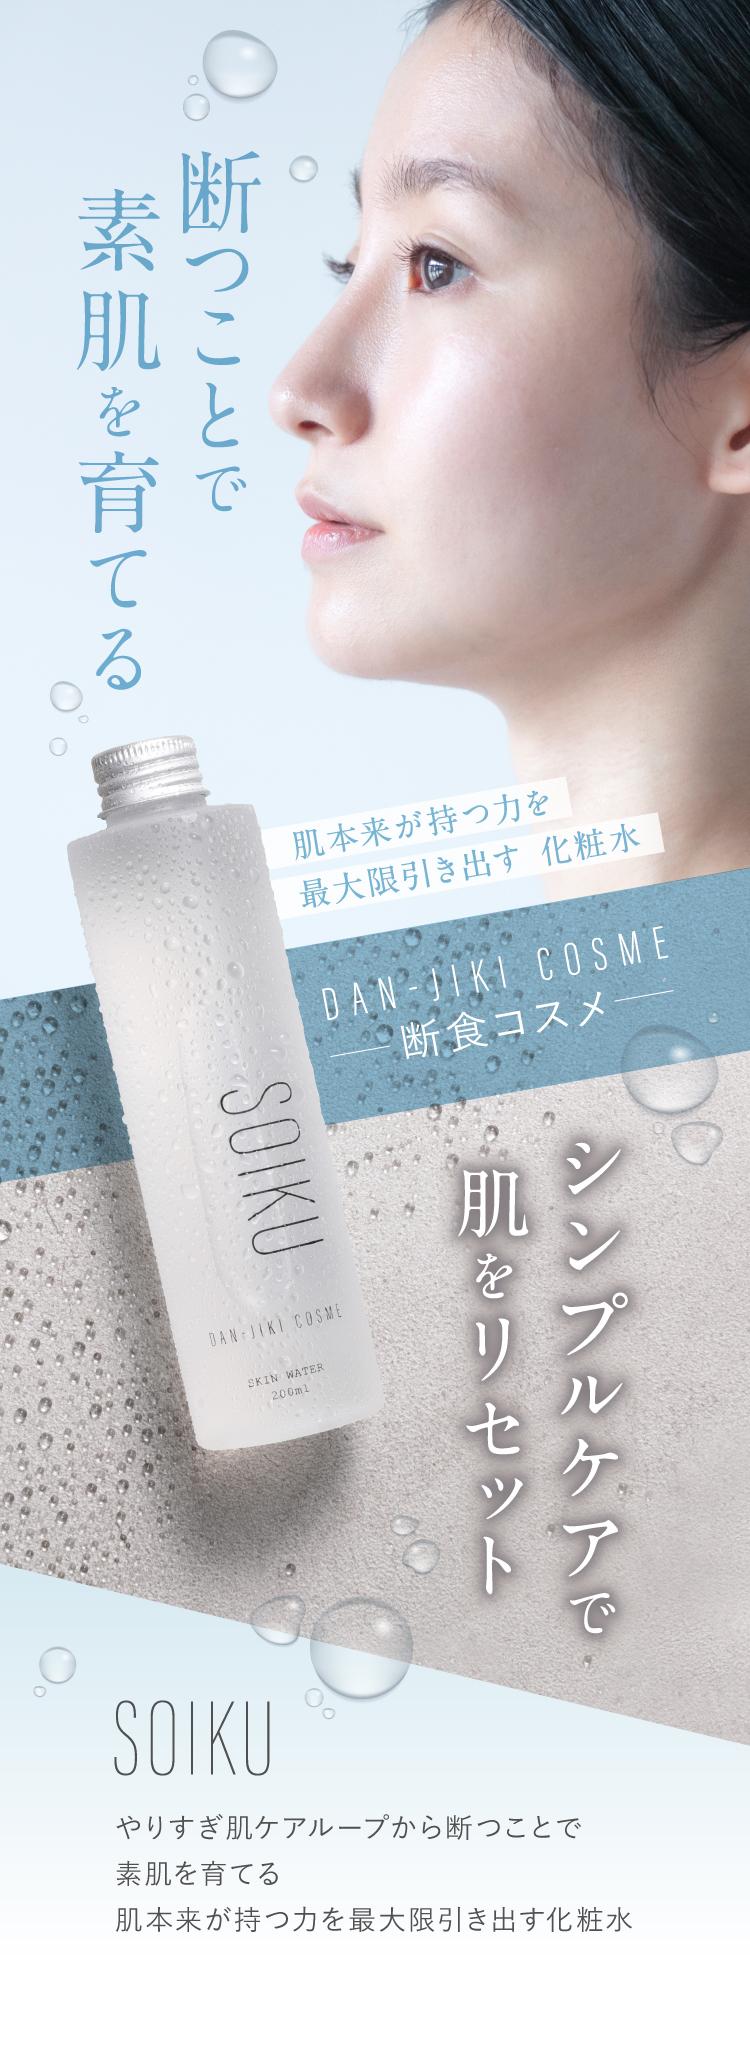 シンプルケアで素肌をリセット。肌が本来持つ力を最大限に引き出す化粧水